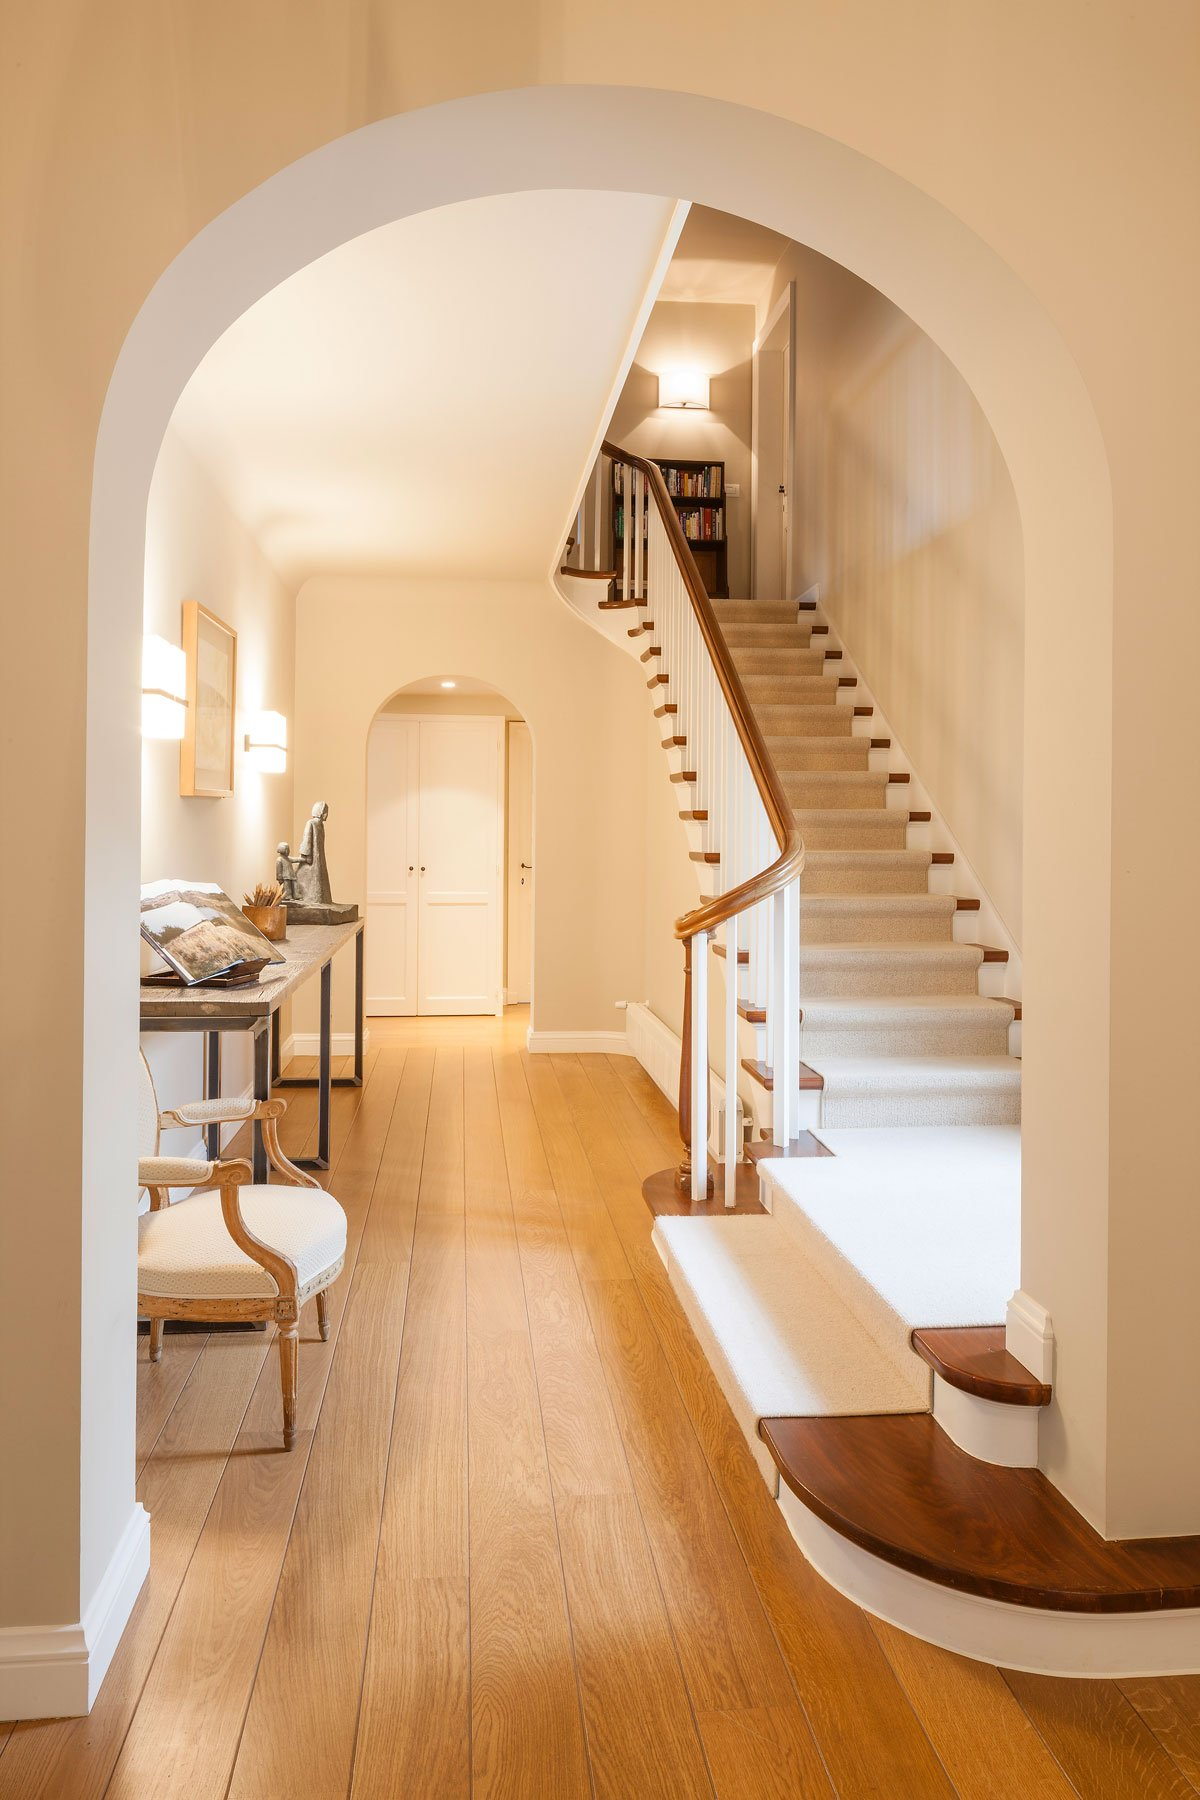 Amerikaanse stijl, trap, houten vloer, Amerikaanse stijl, b+ villas